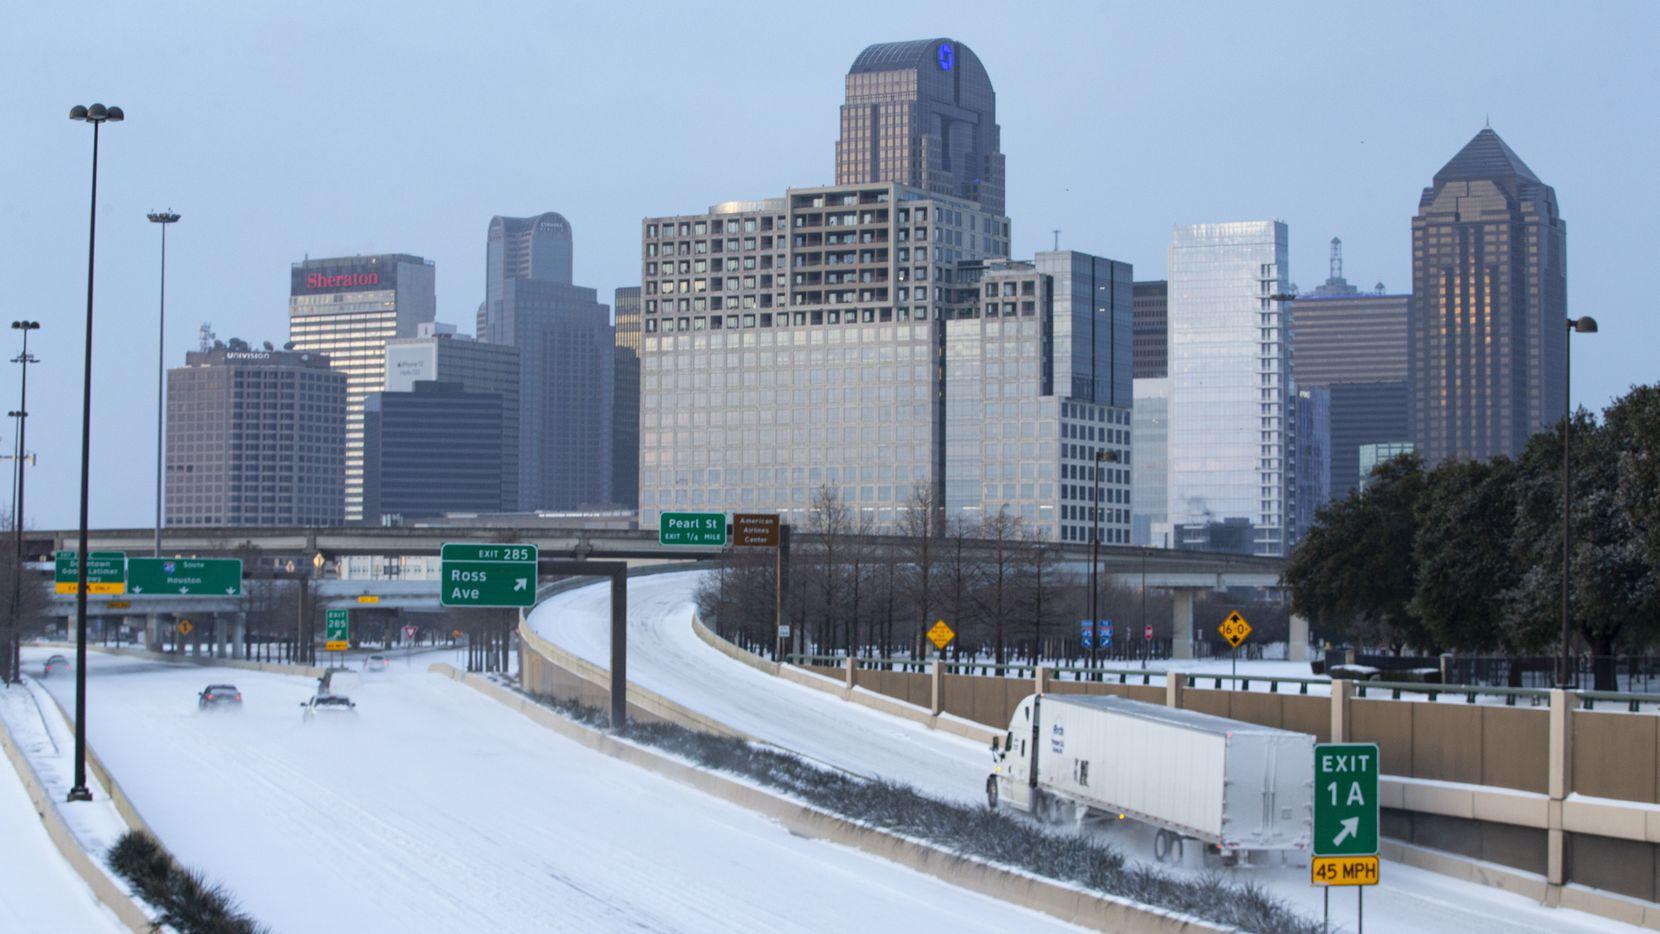 La nieve cubría la autopista 75 en la rampa de acceso al centro de Dallas el lunes por la mañana.